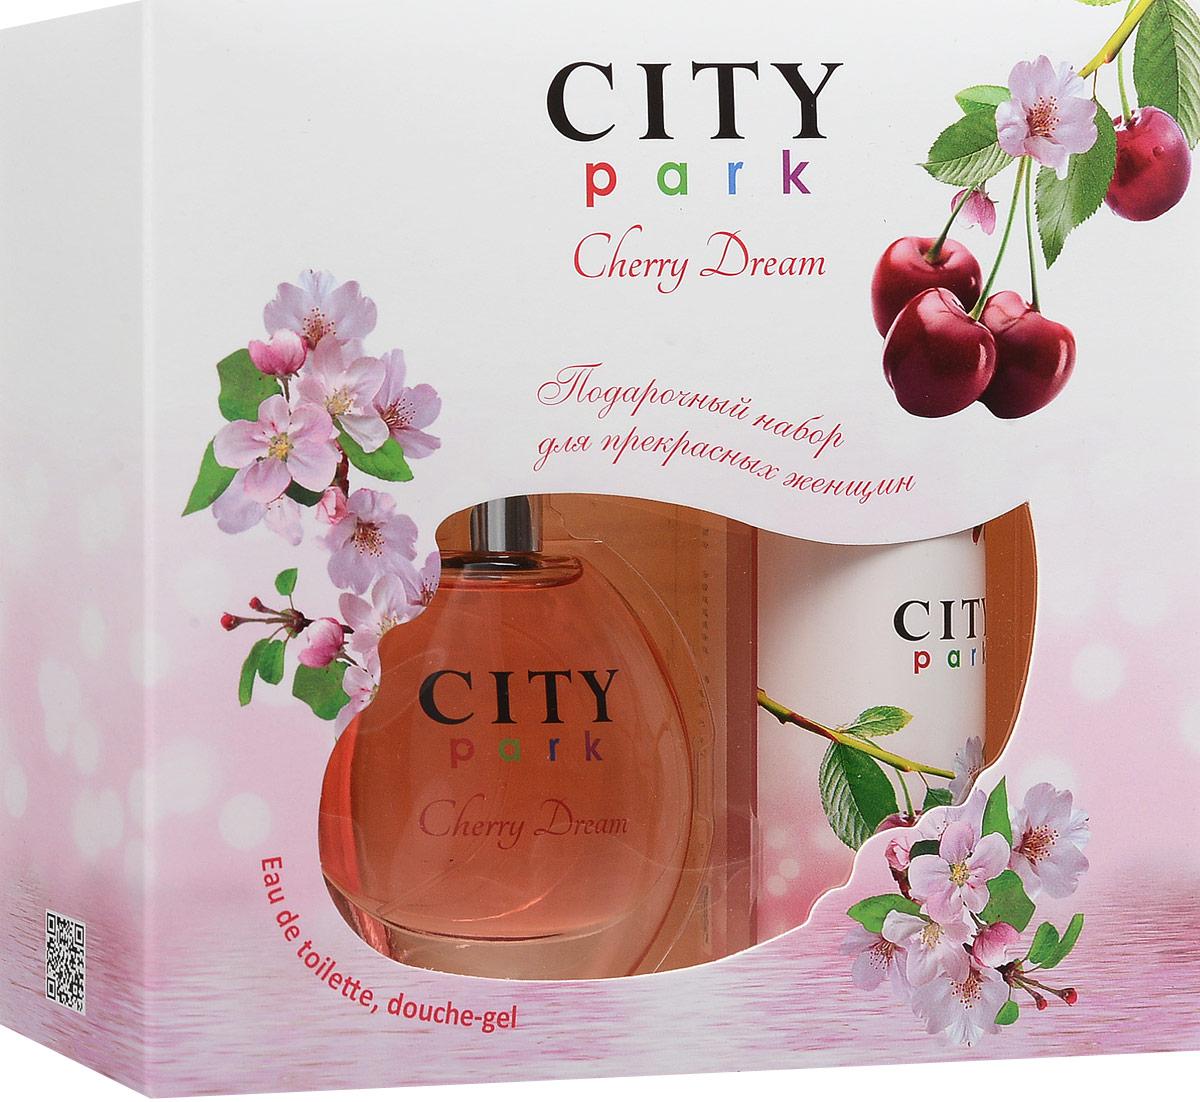 City ParfumПарфюмированный набор:  City Park Cherry Dream Туалетная вода, 50 мл + Гель для душа, 150 мл City Parfum